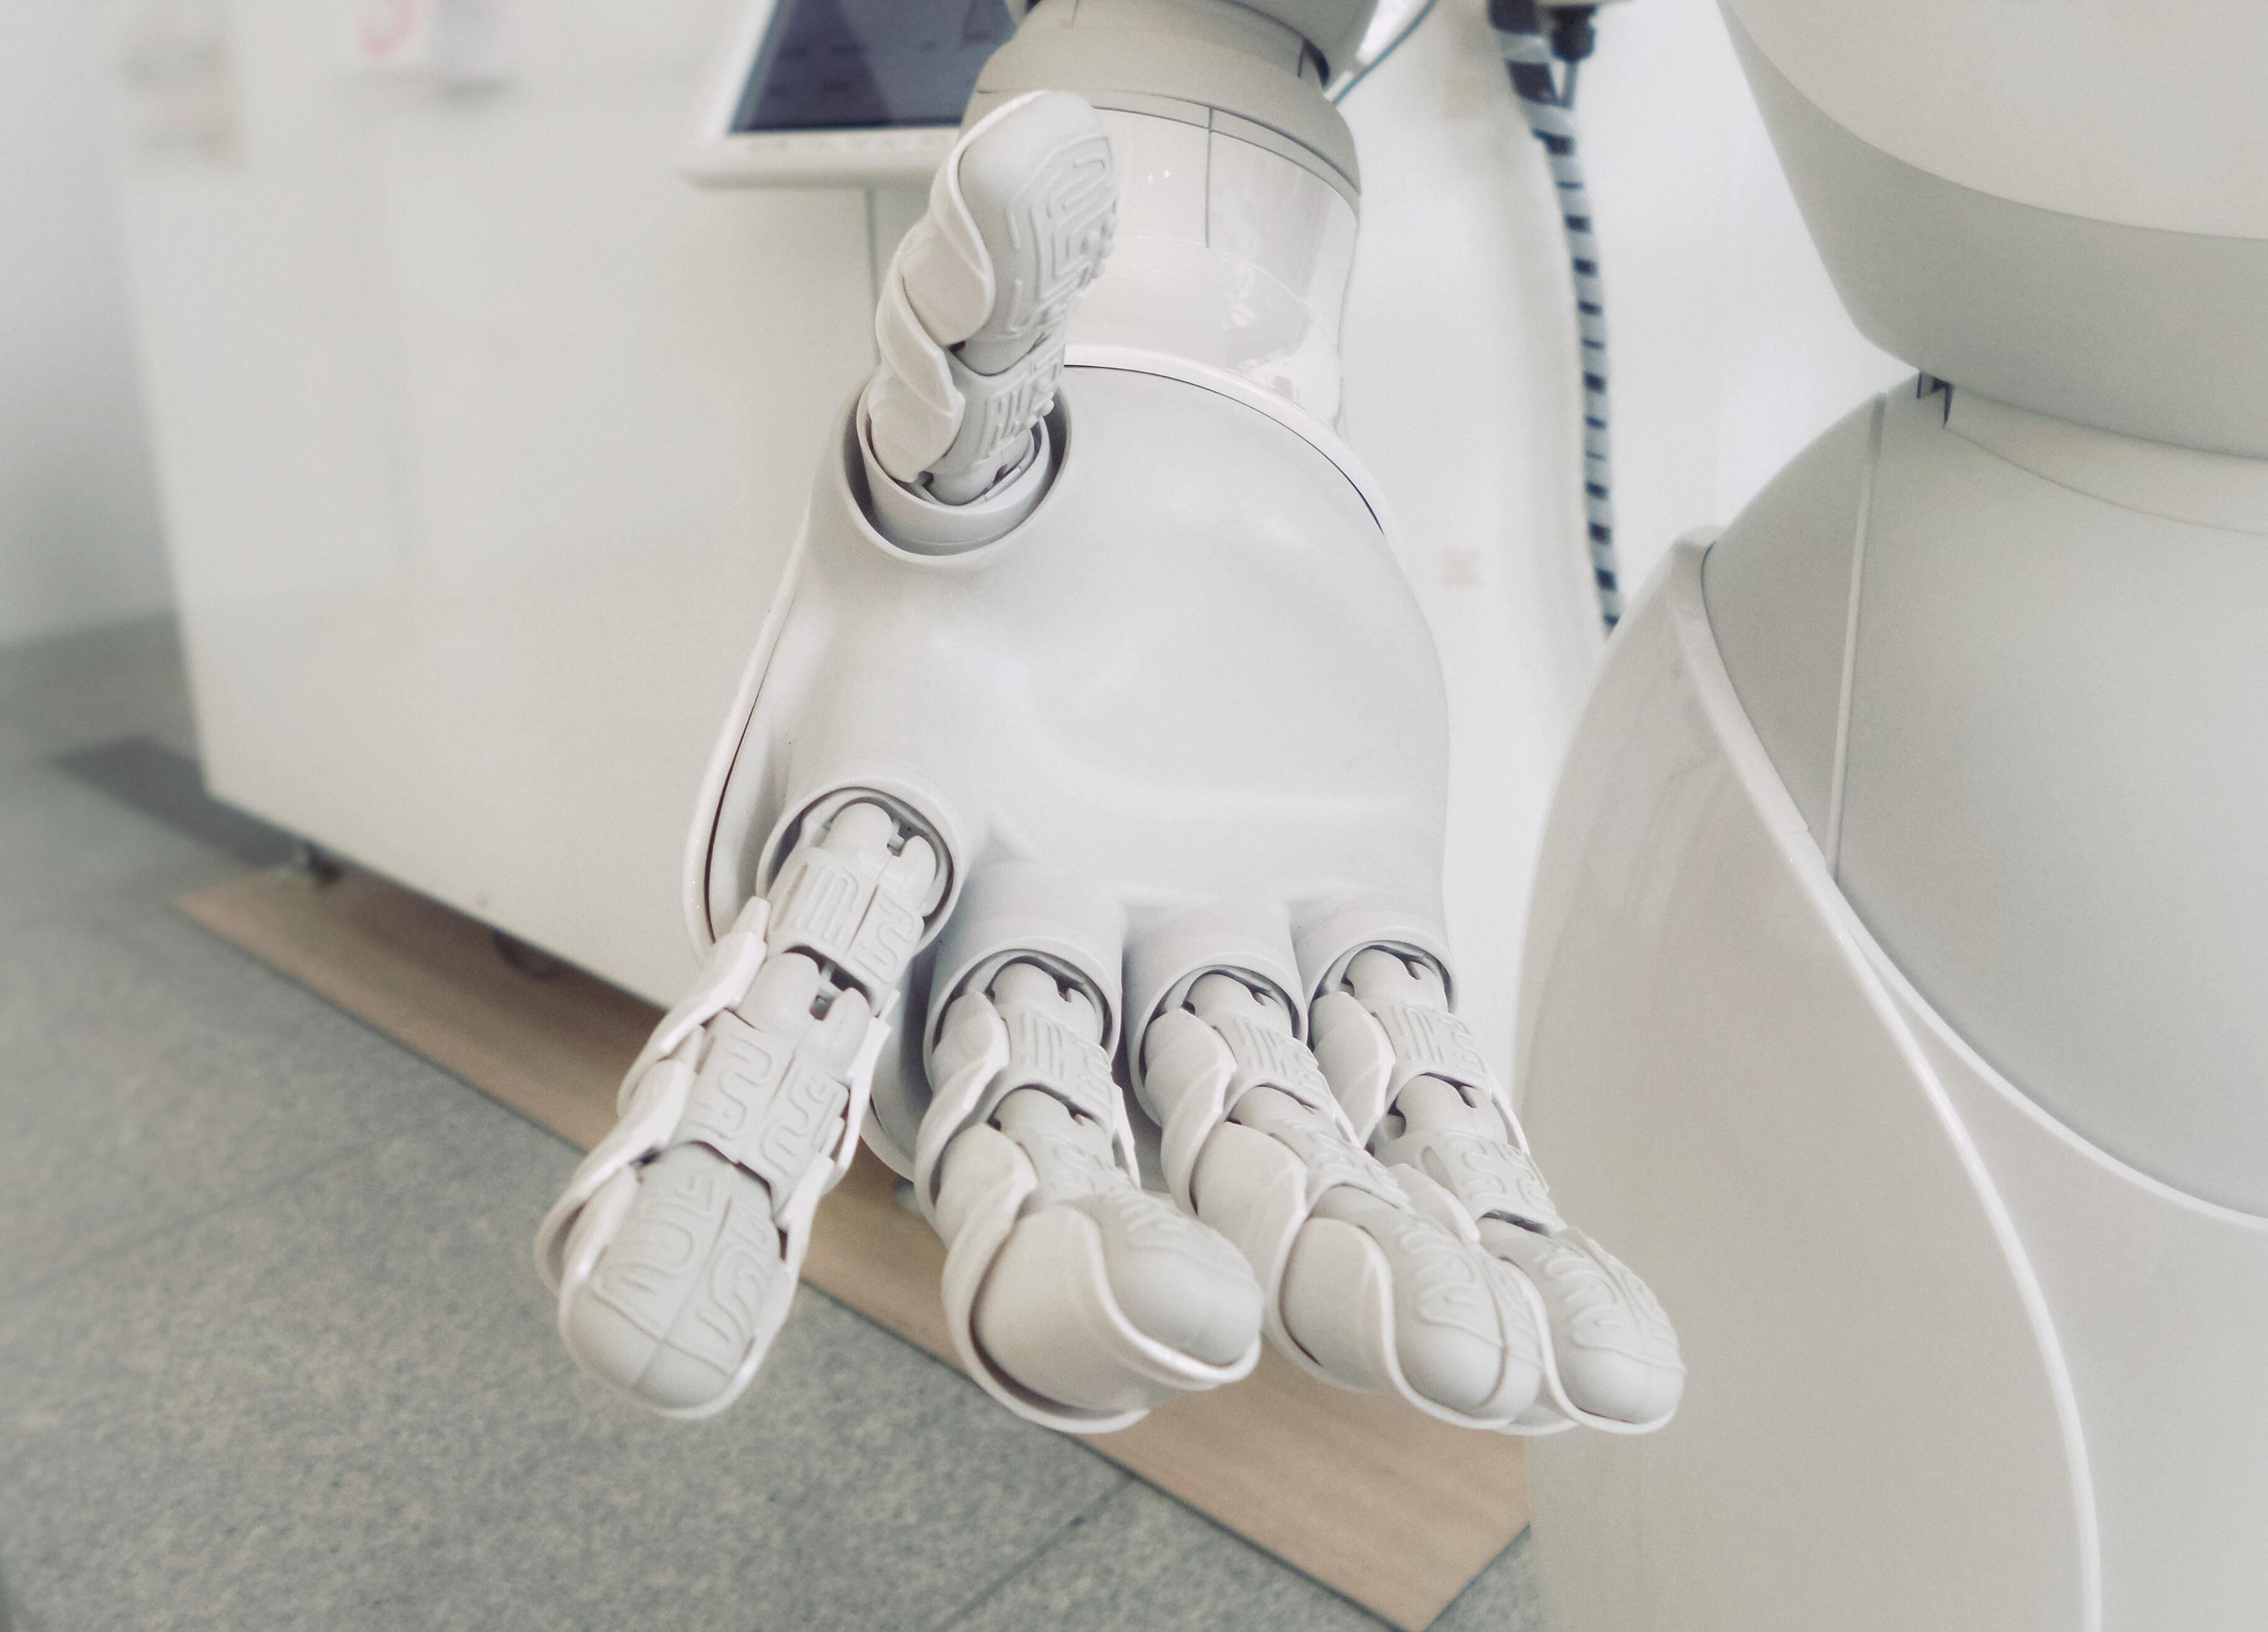 Европа безнадёжно отстала от Китая по развитию искусственного интеллекта